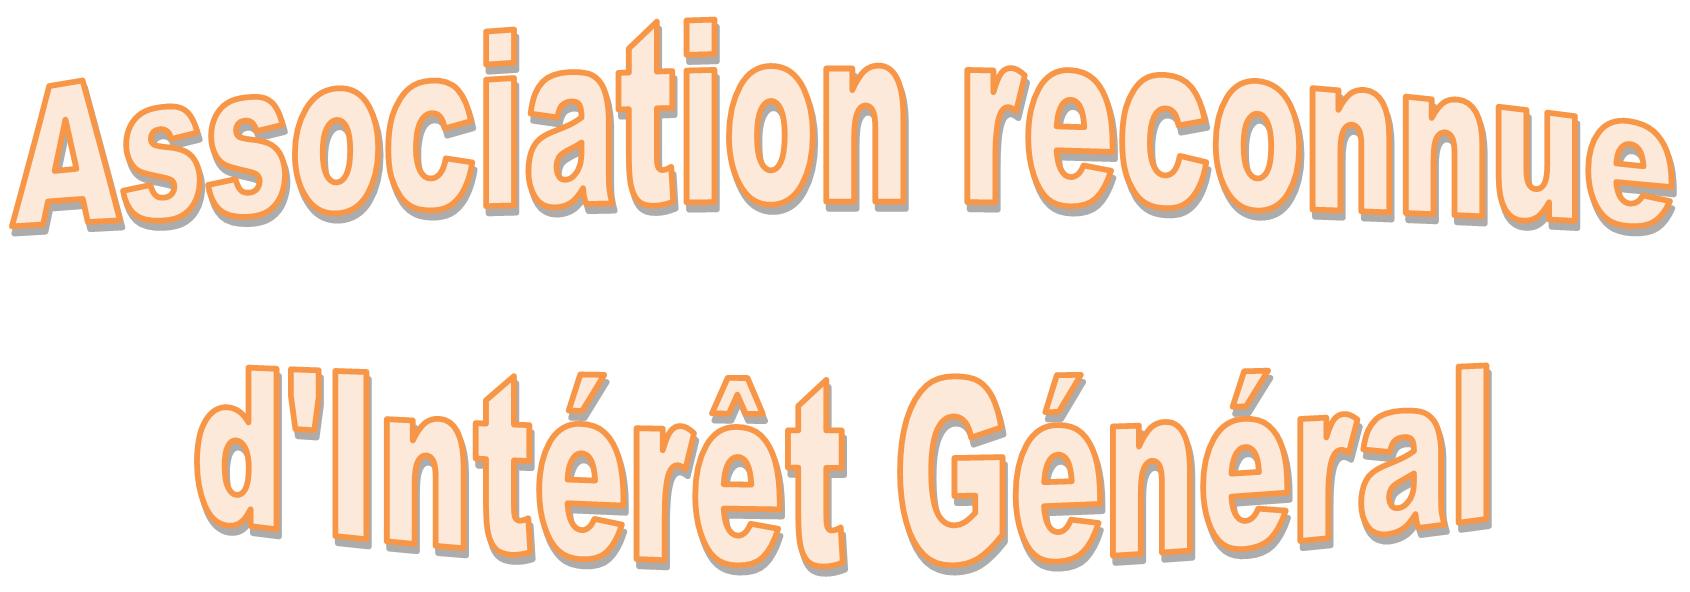 interet_general